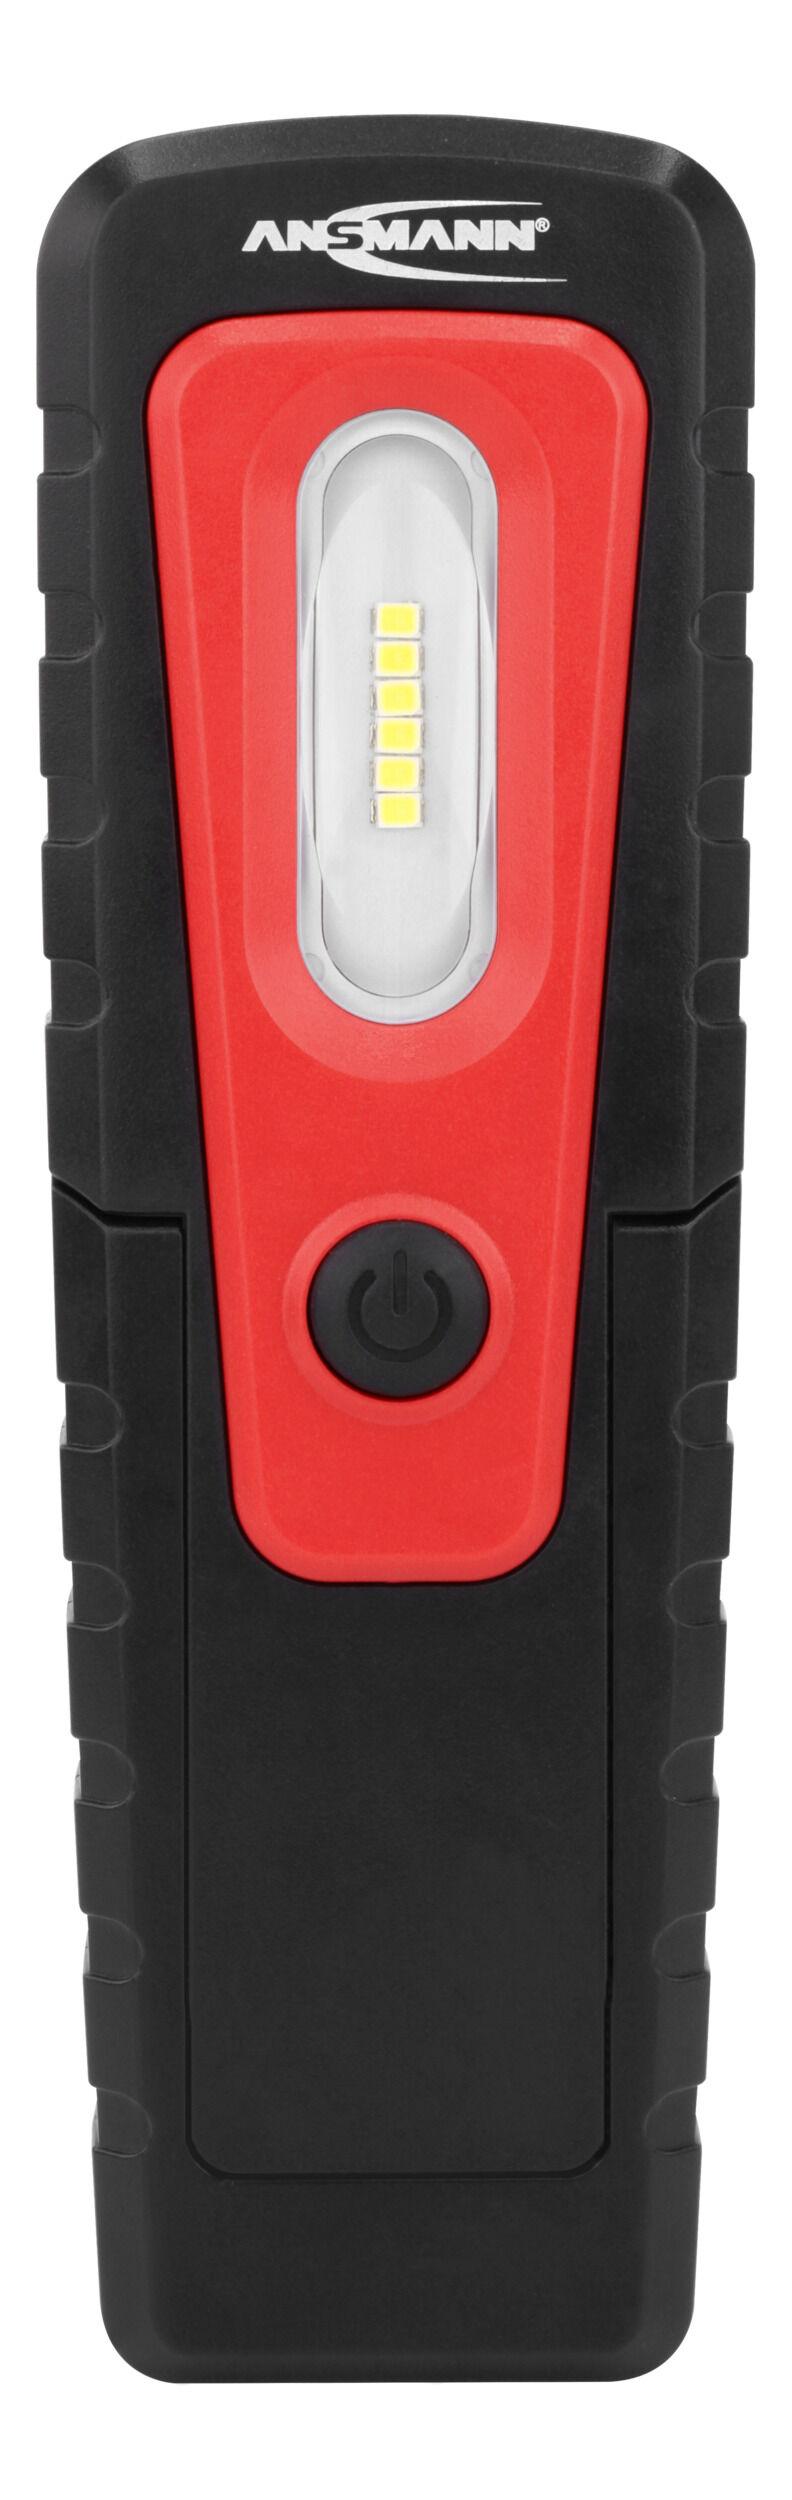 ANSMANN LED Werkstattlampe WL280B inkl. AAA Batterien, kabellos & magnetisch